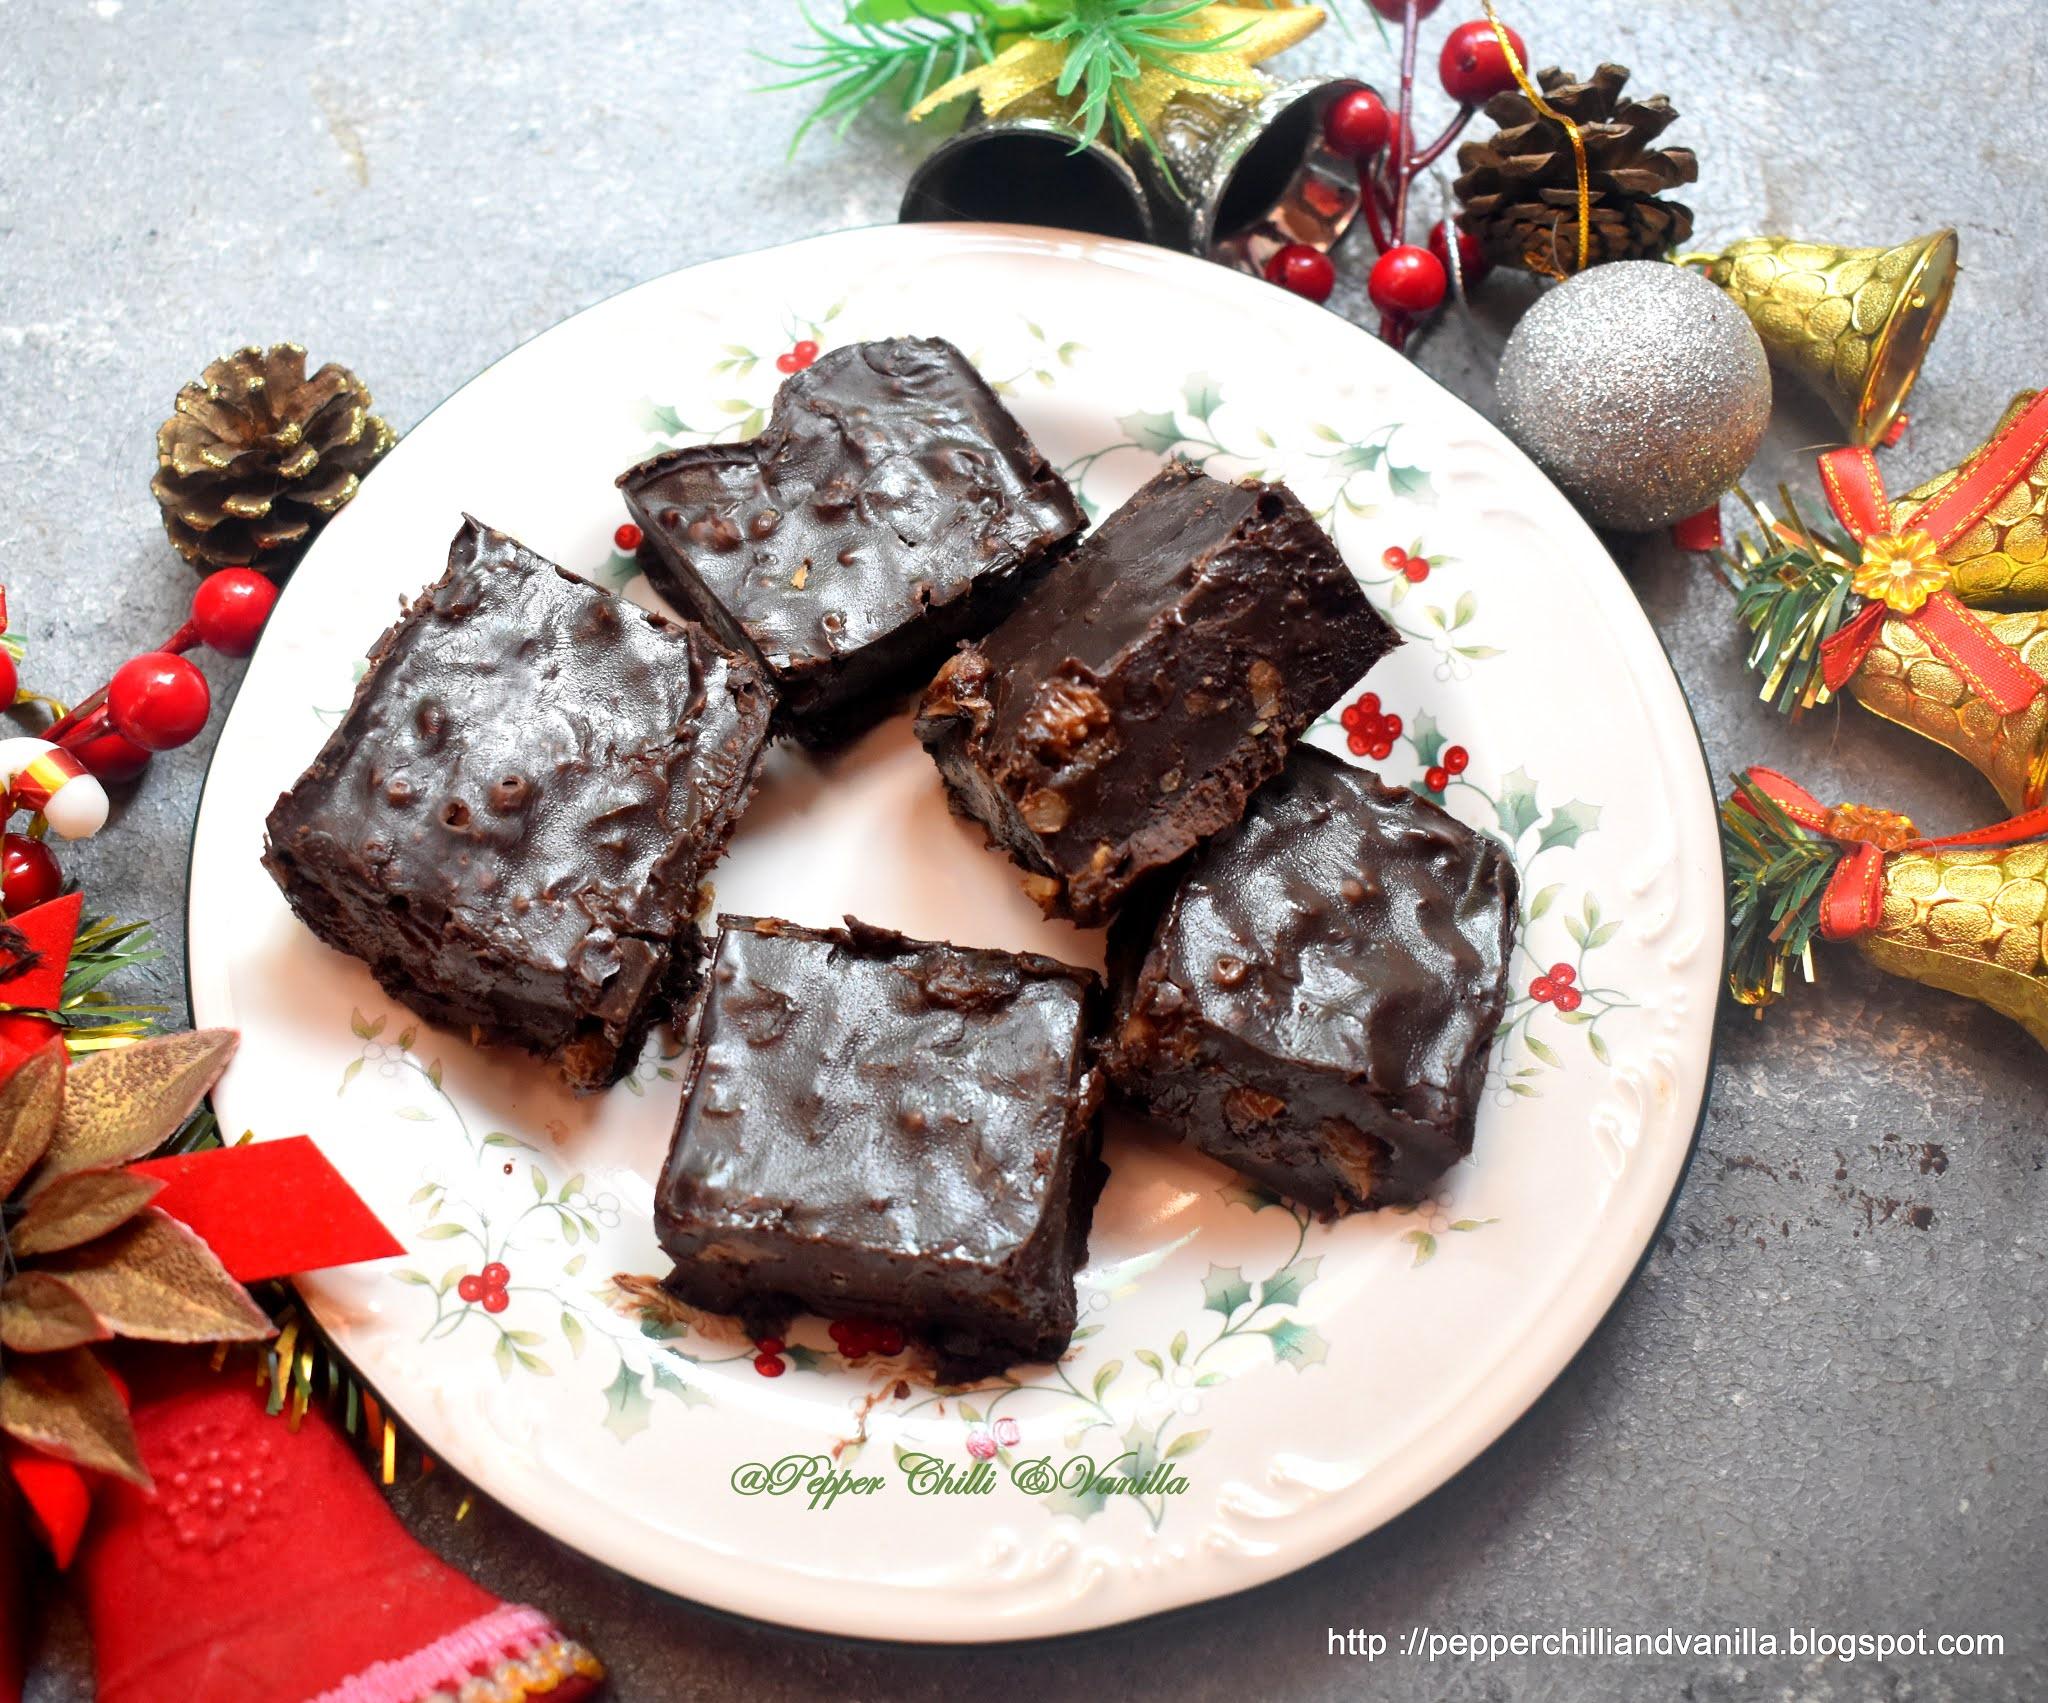 how to make chocolate walnut raisins fudge, best chocolate fudge recipe,walnut raisins and rum chocolate fudge  udge recipe, easy choc